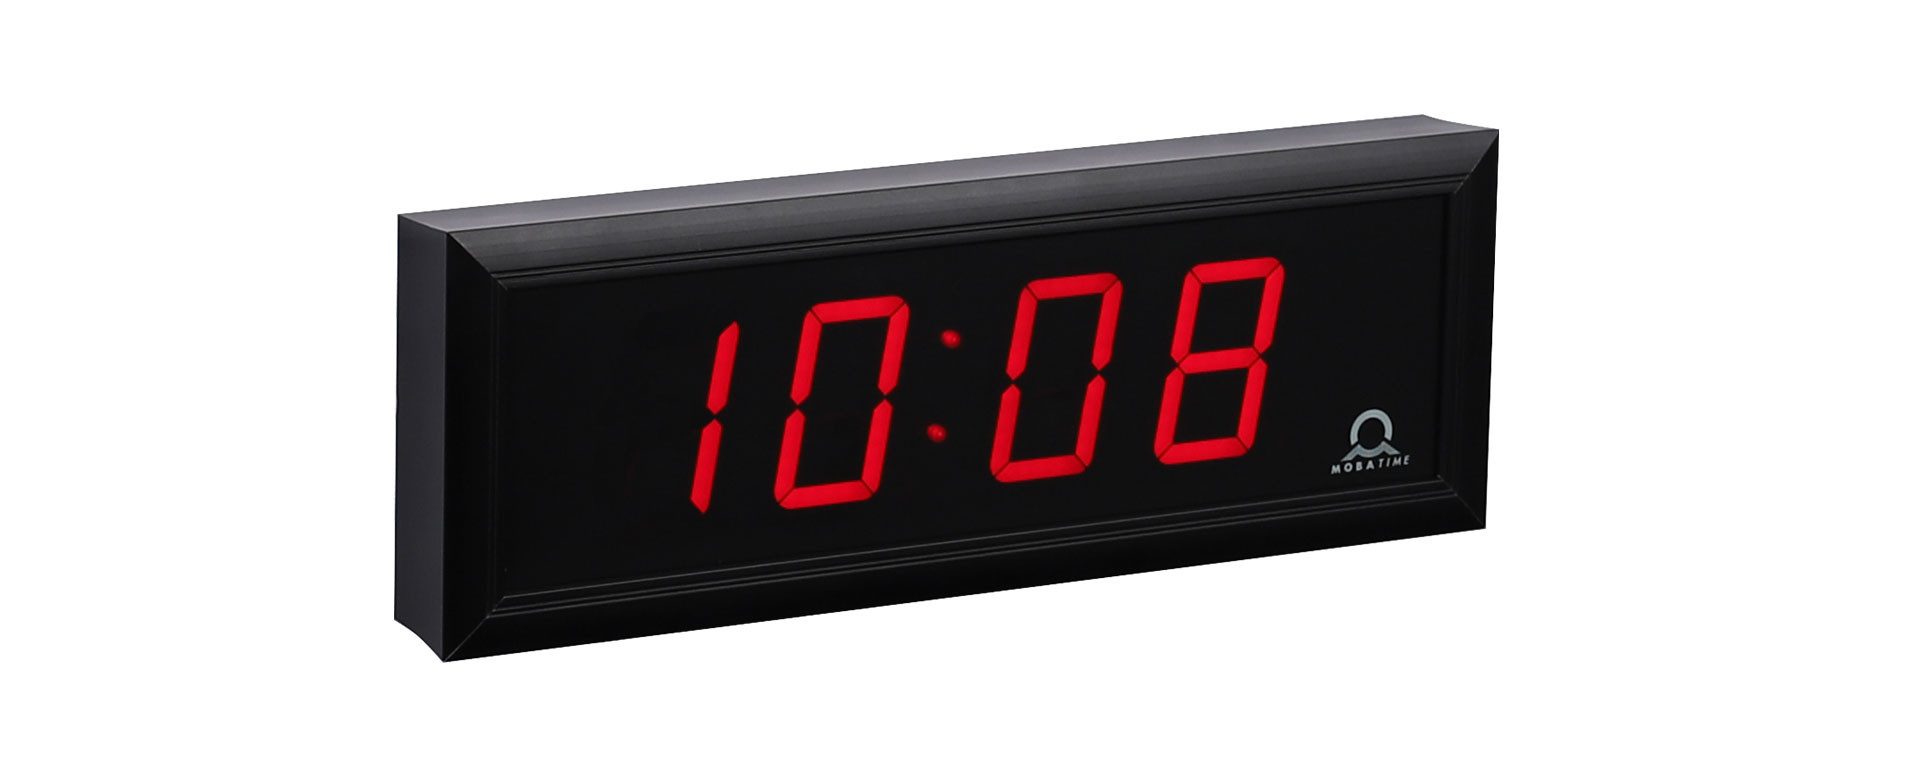 Vielseitige Digitaluhren für Innen und Außen